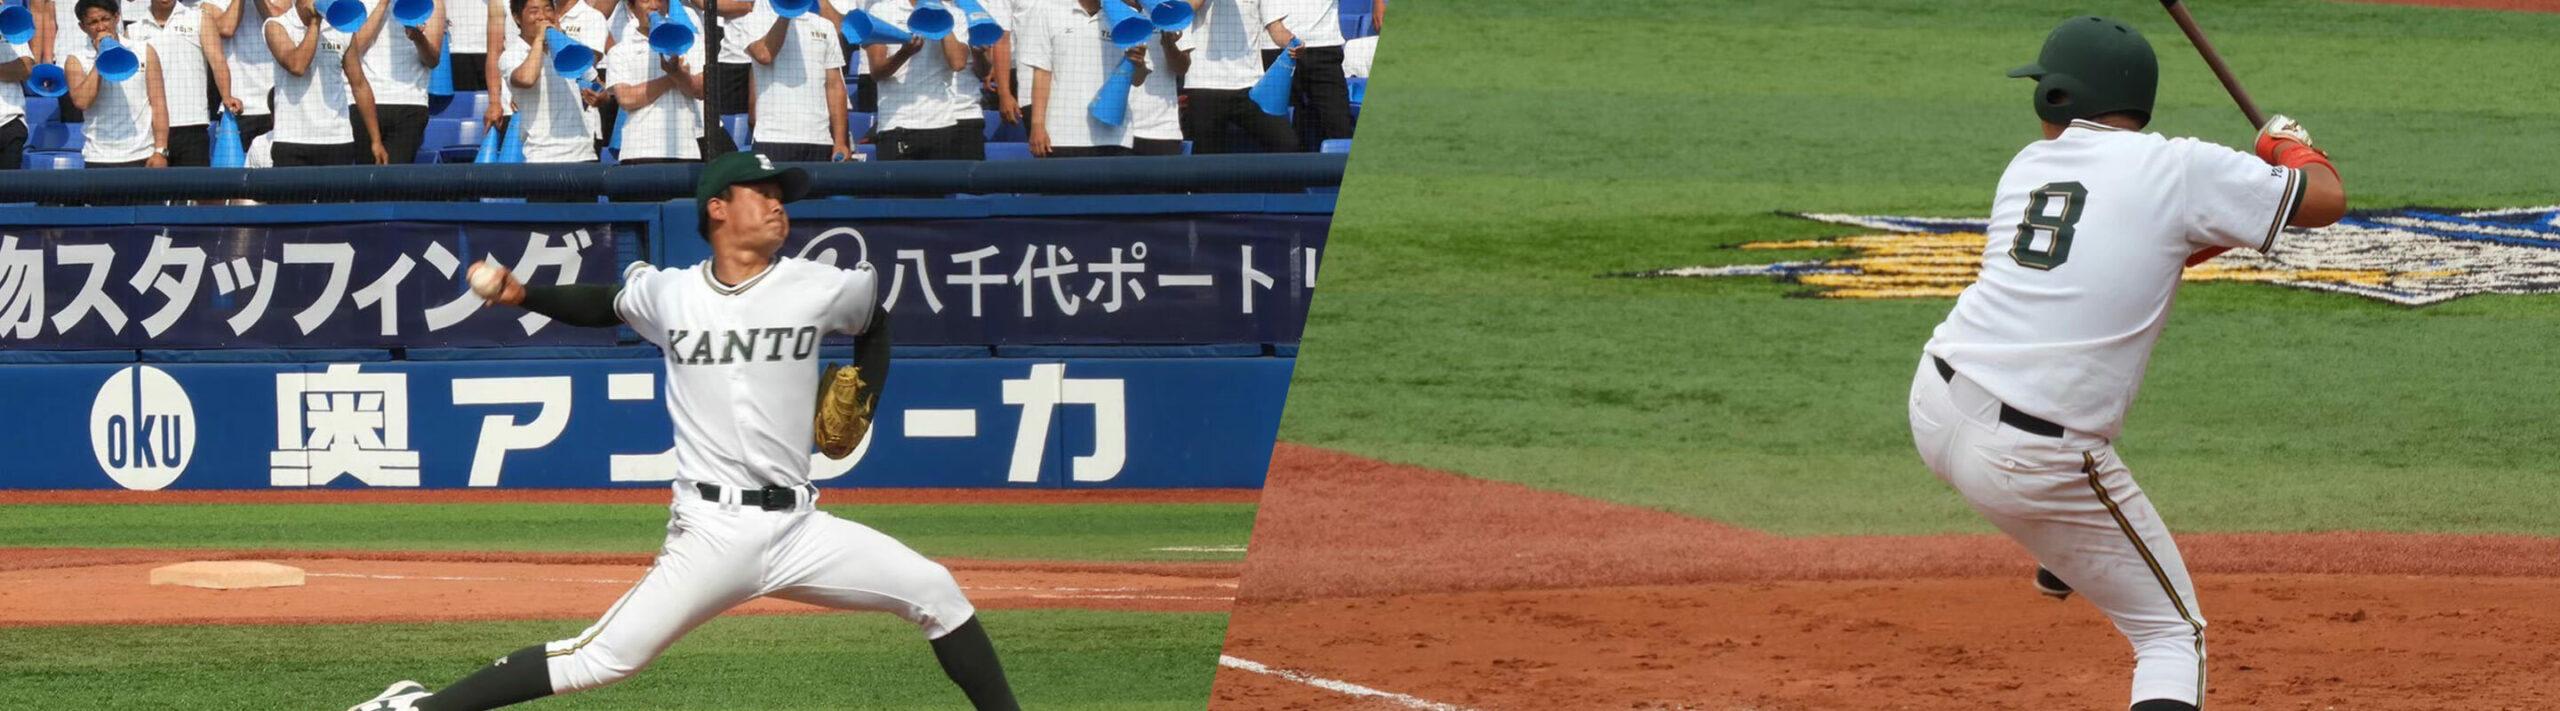 神奈川大学野球連盟について - KV